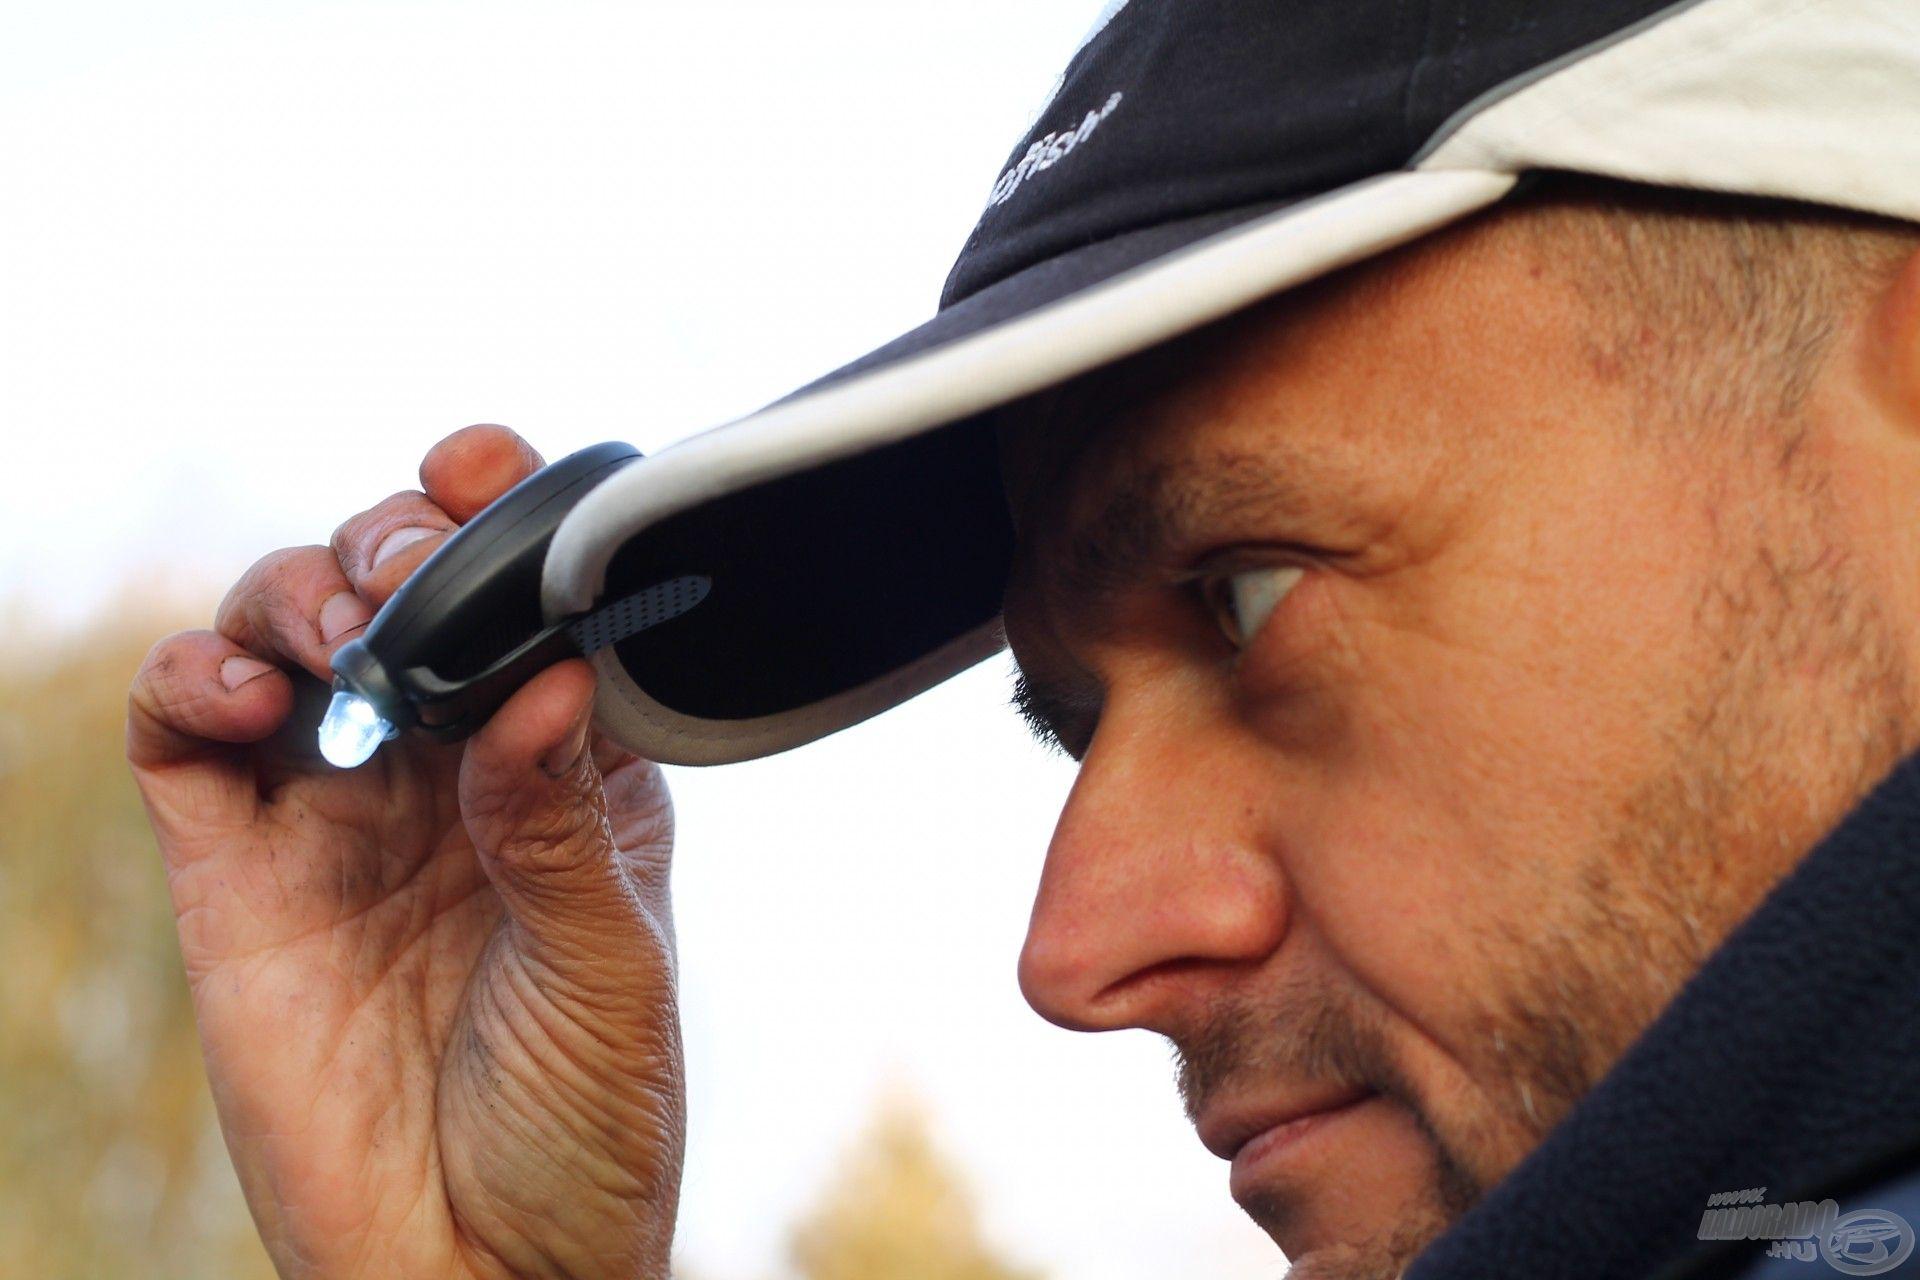 Carp Expert Neo USB tölthető mozgásérzékelős fejlámpa sapkára rögzítve…